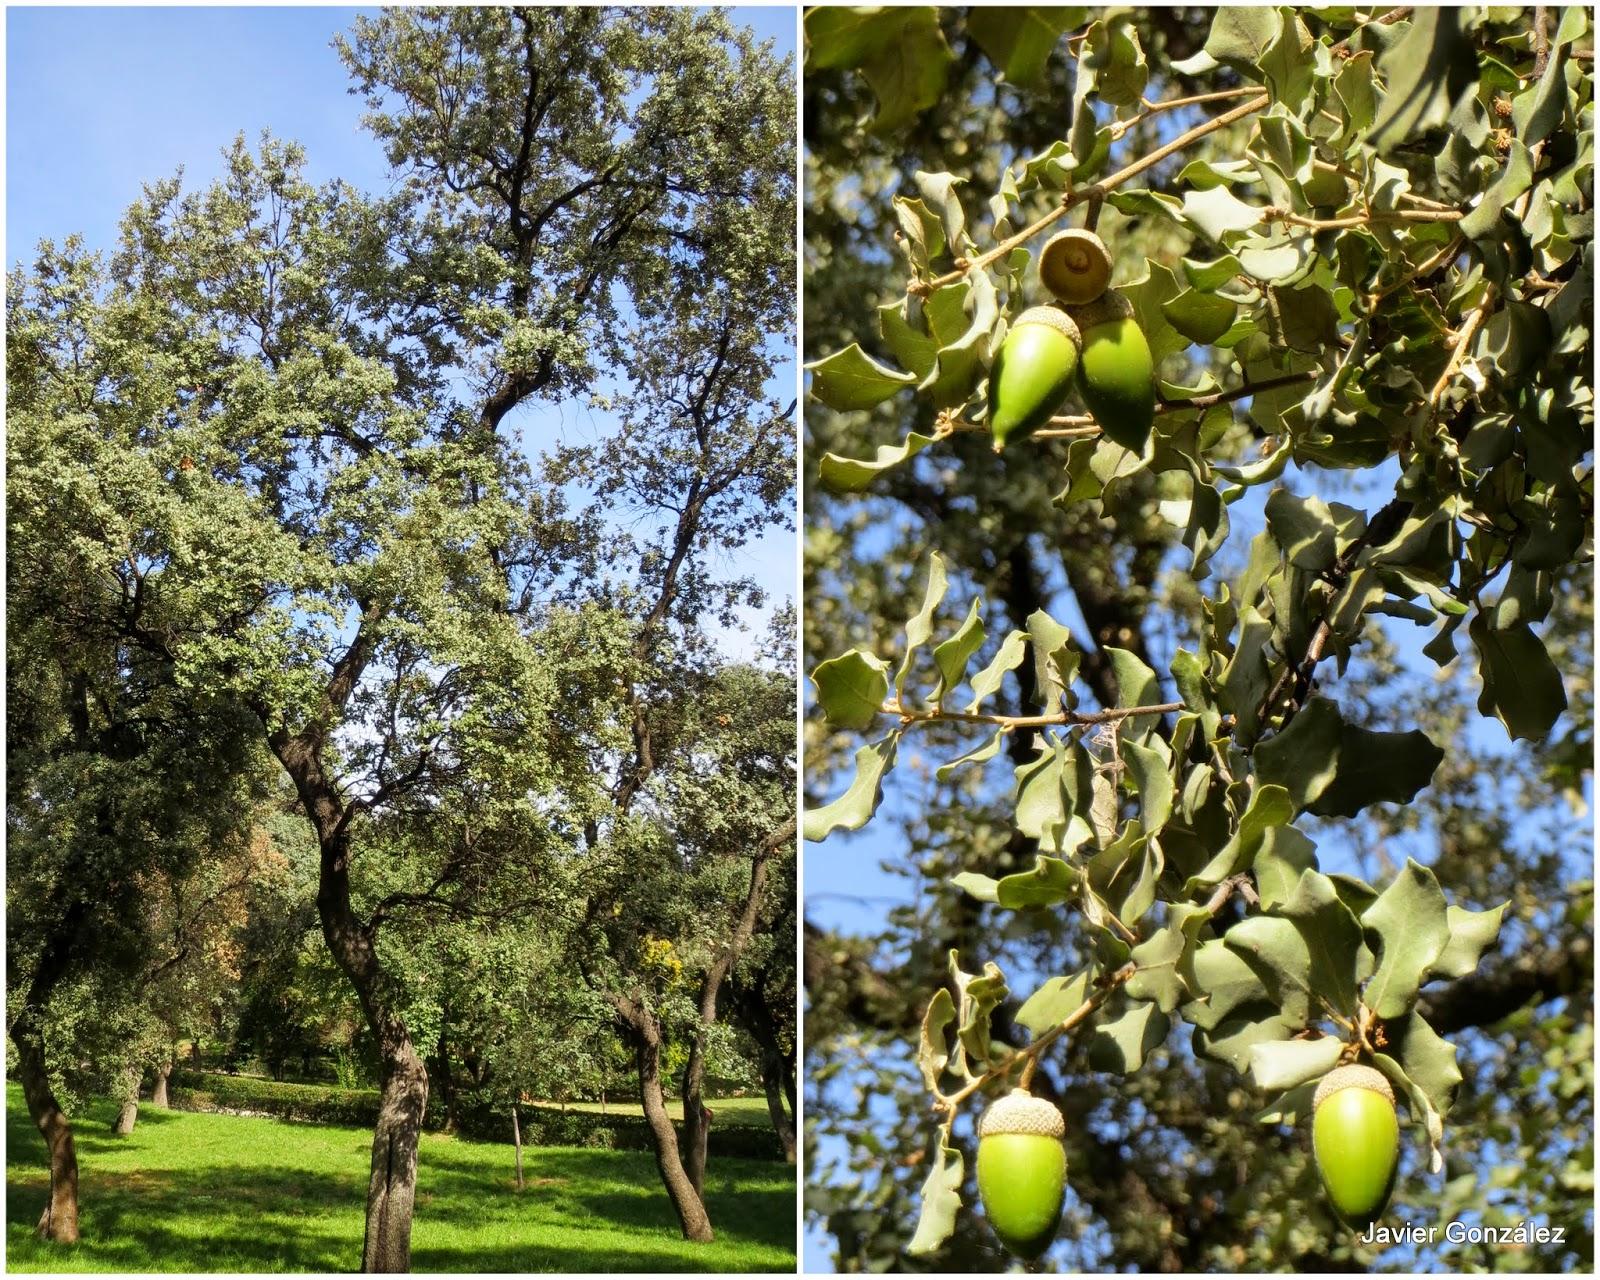 Parque del Retiro. Encina. Holm oak